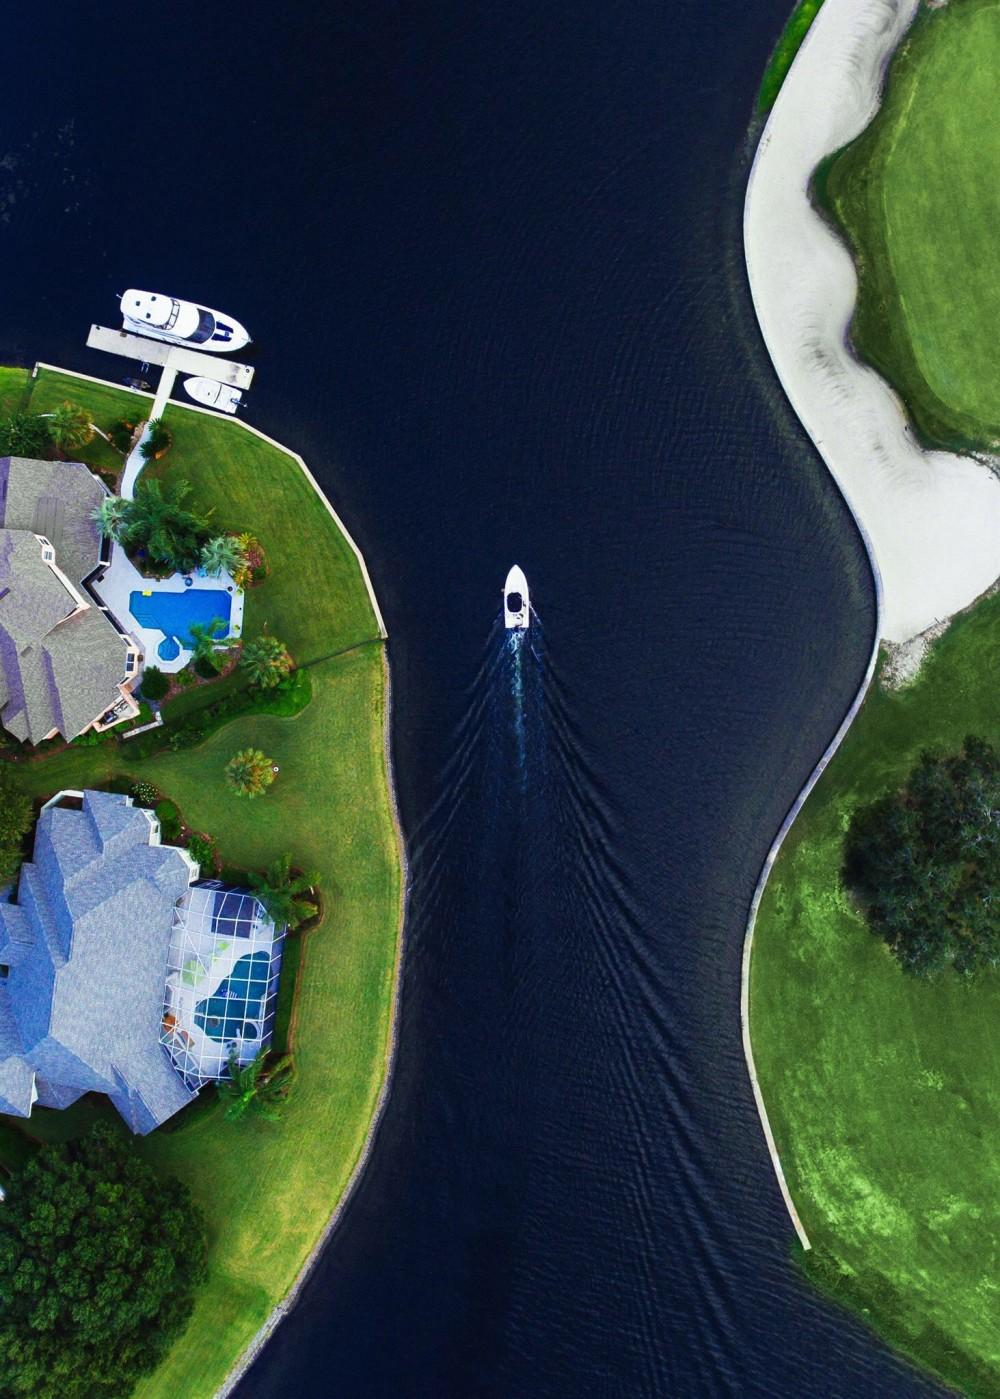 Hệ thống tuần hoàn nước khổng lồ tại biệt thự đảo Ecopark